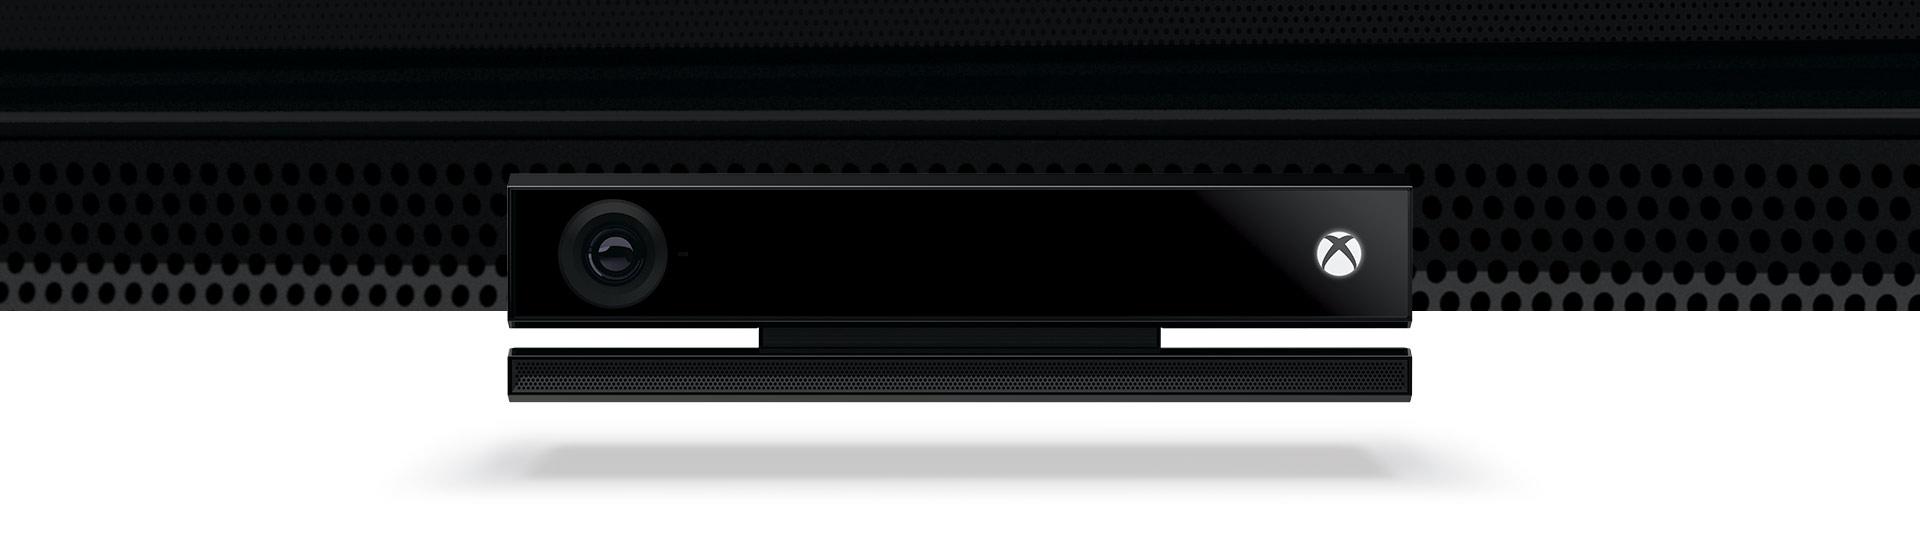 Kinect dla konsoli Xbox